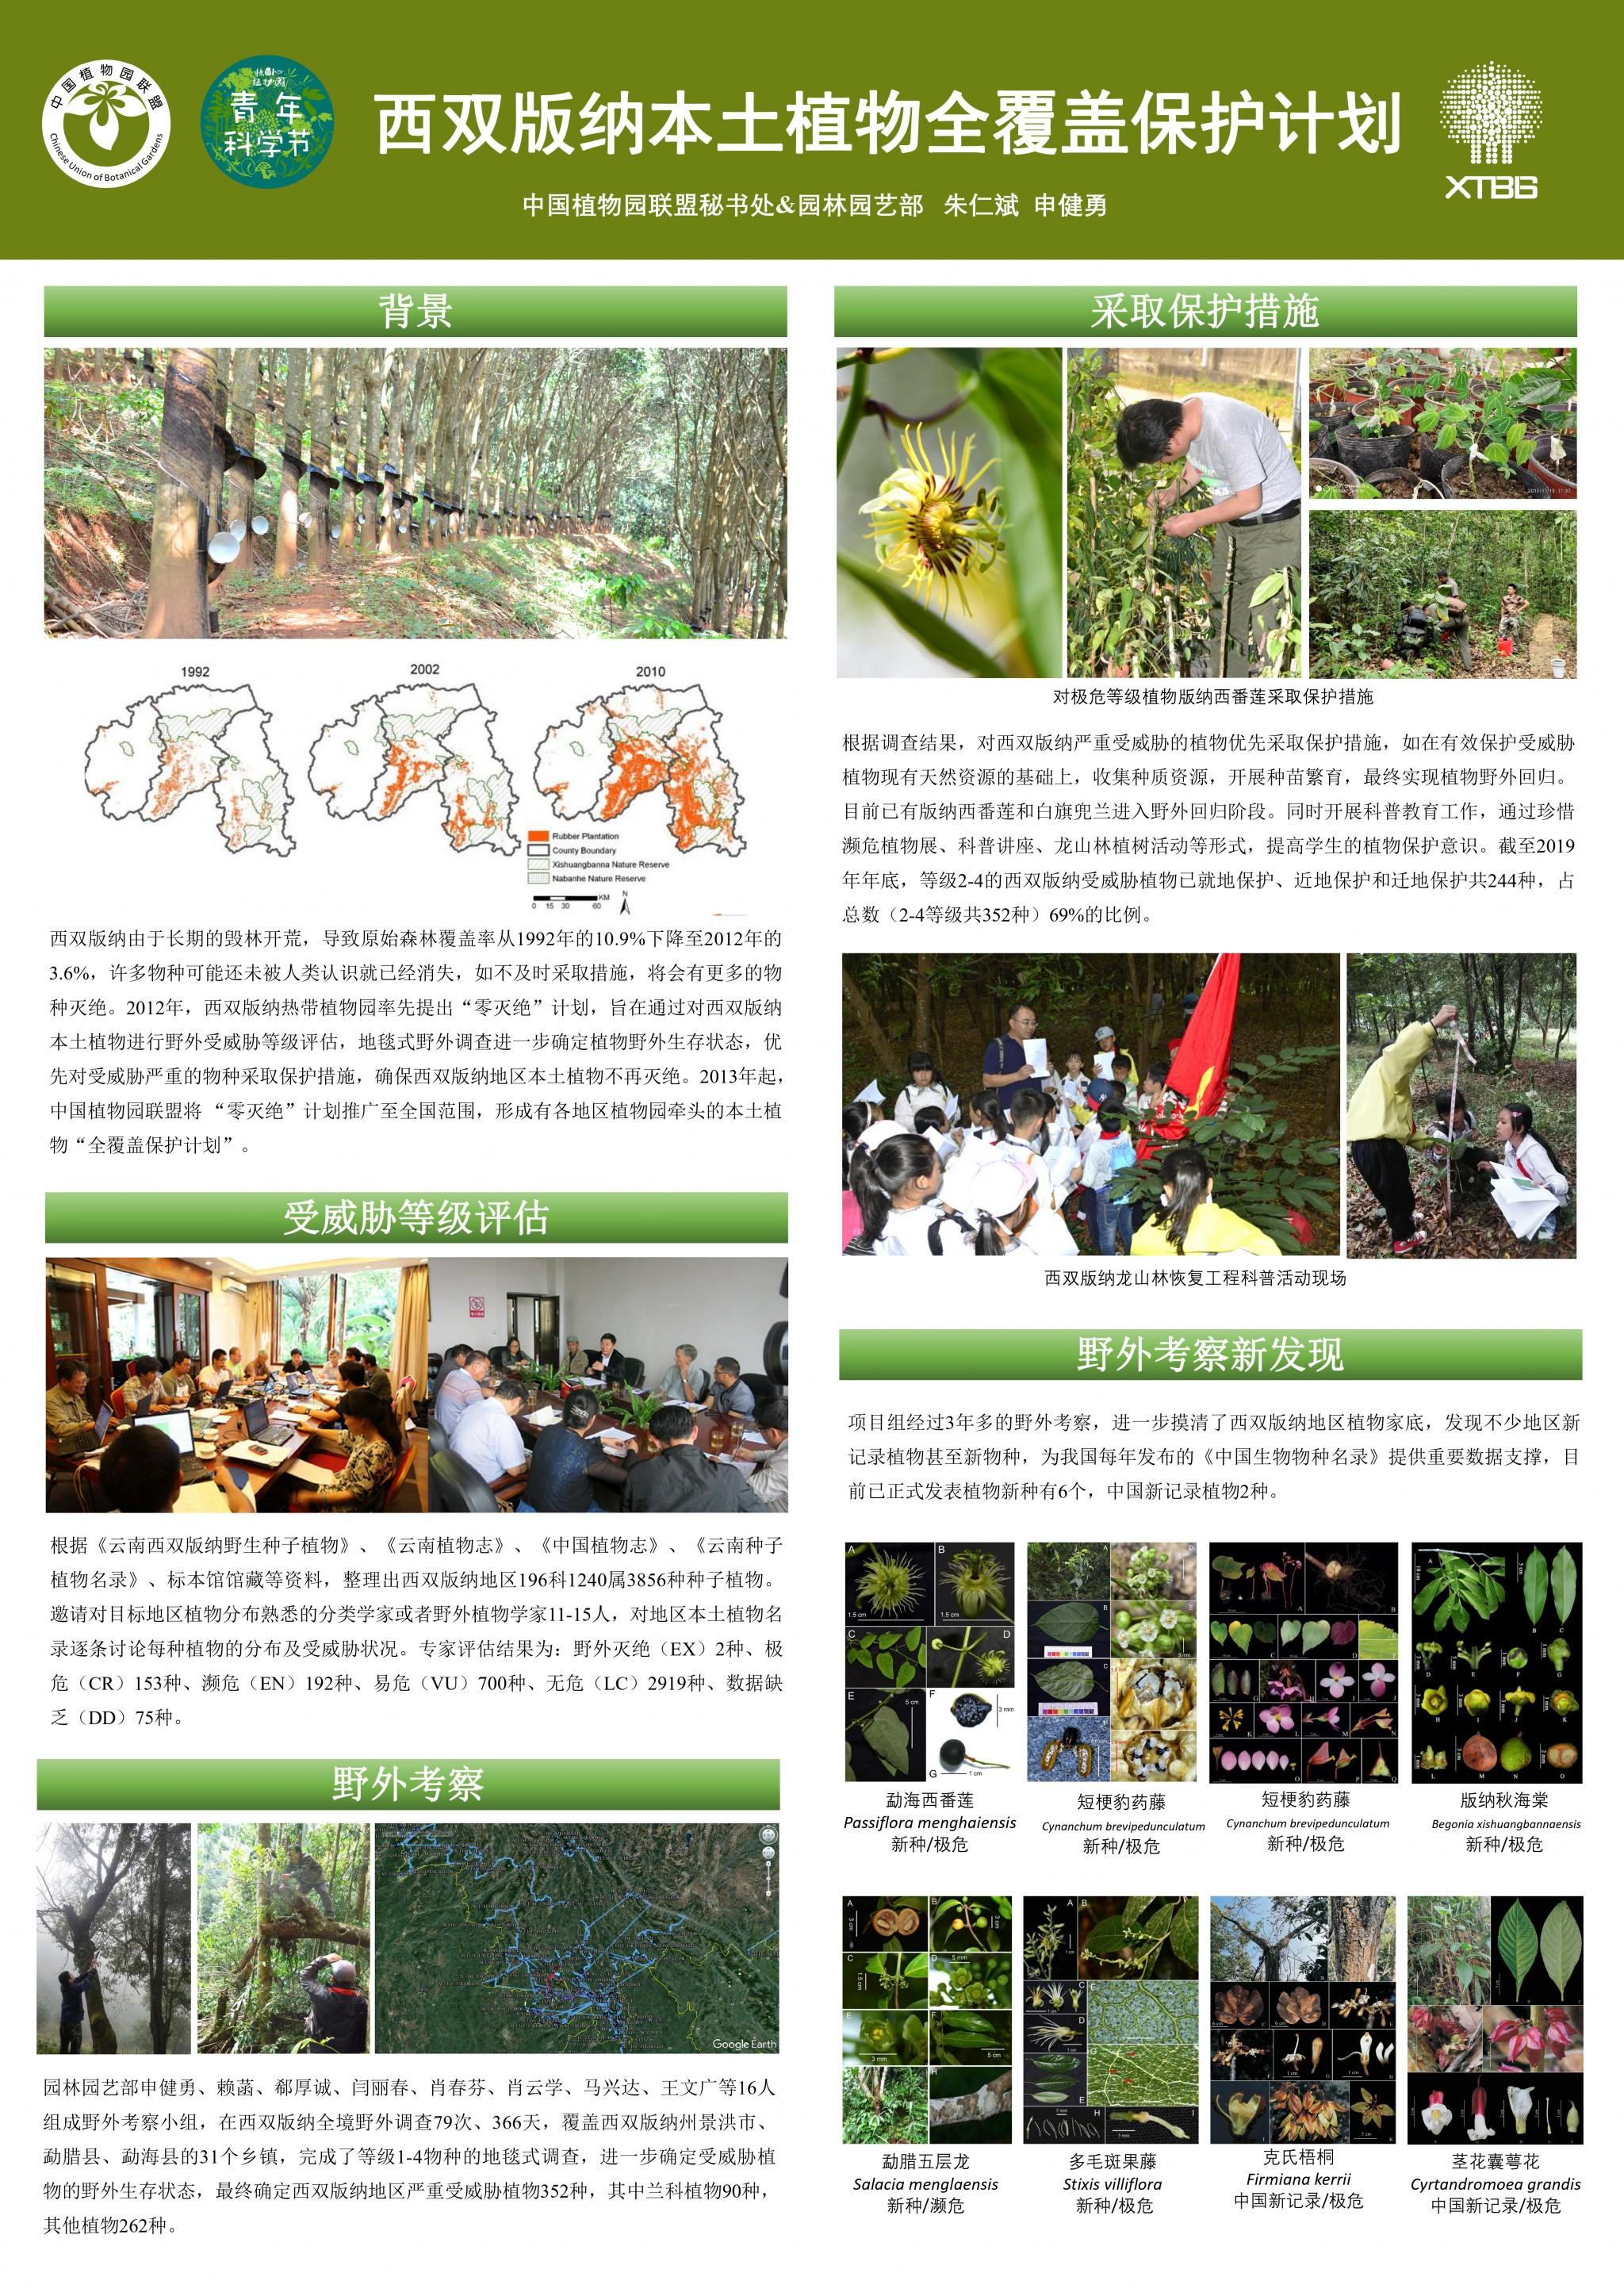 1-2 朱仁斌 申健勇-西双版纳本土植物全覆盖保护计划2